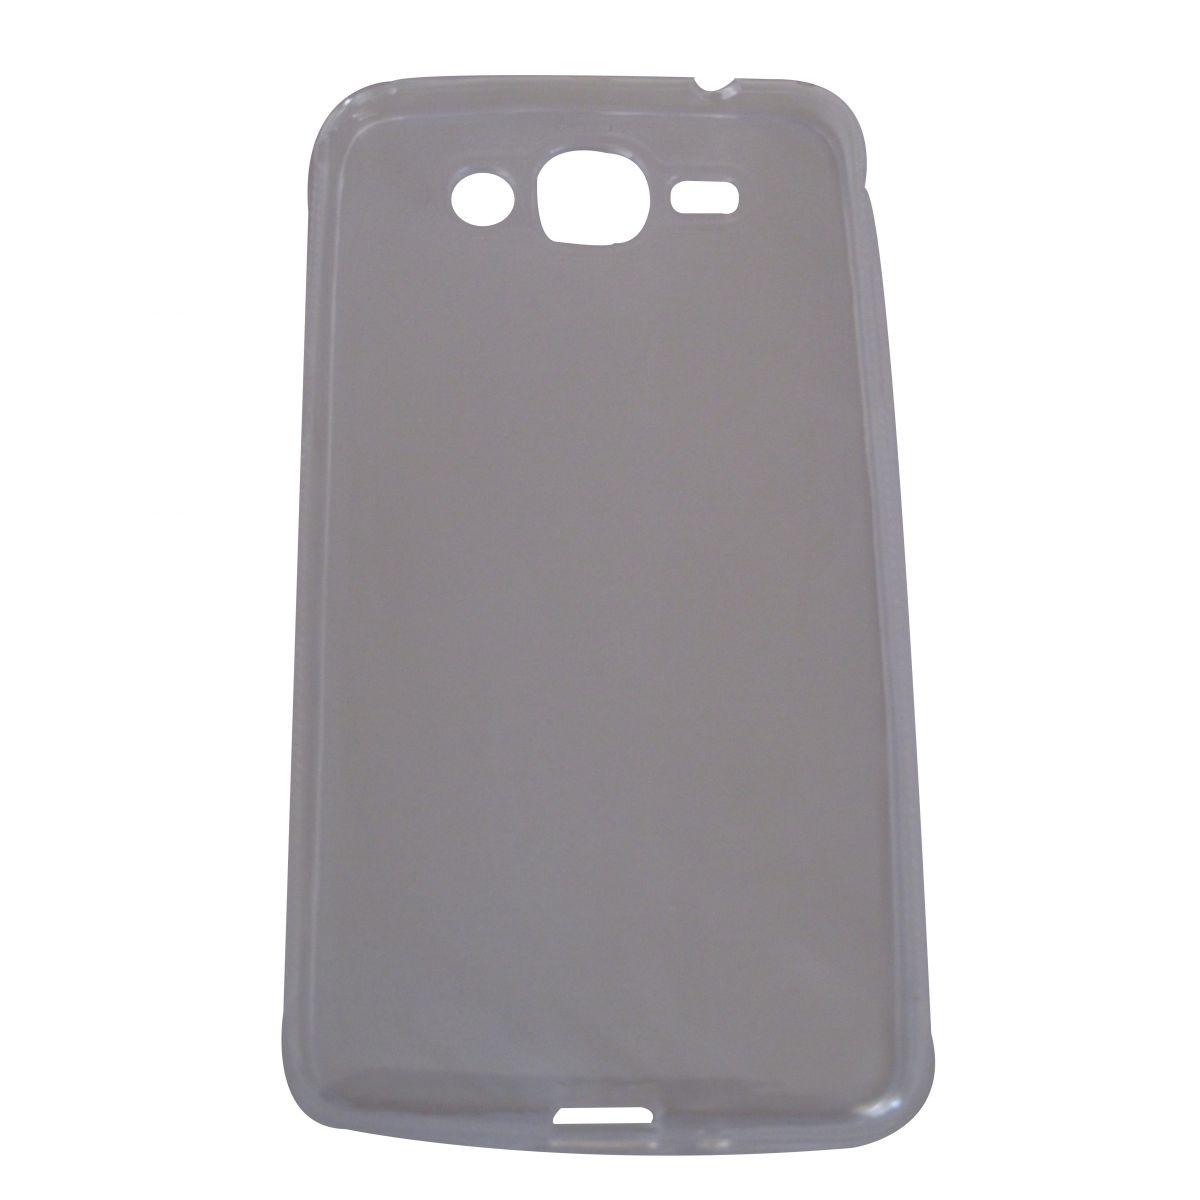 Capa TPU Transparente Samsung Galaxy Grand Duos Prime G530